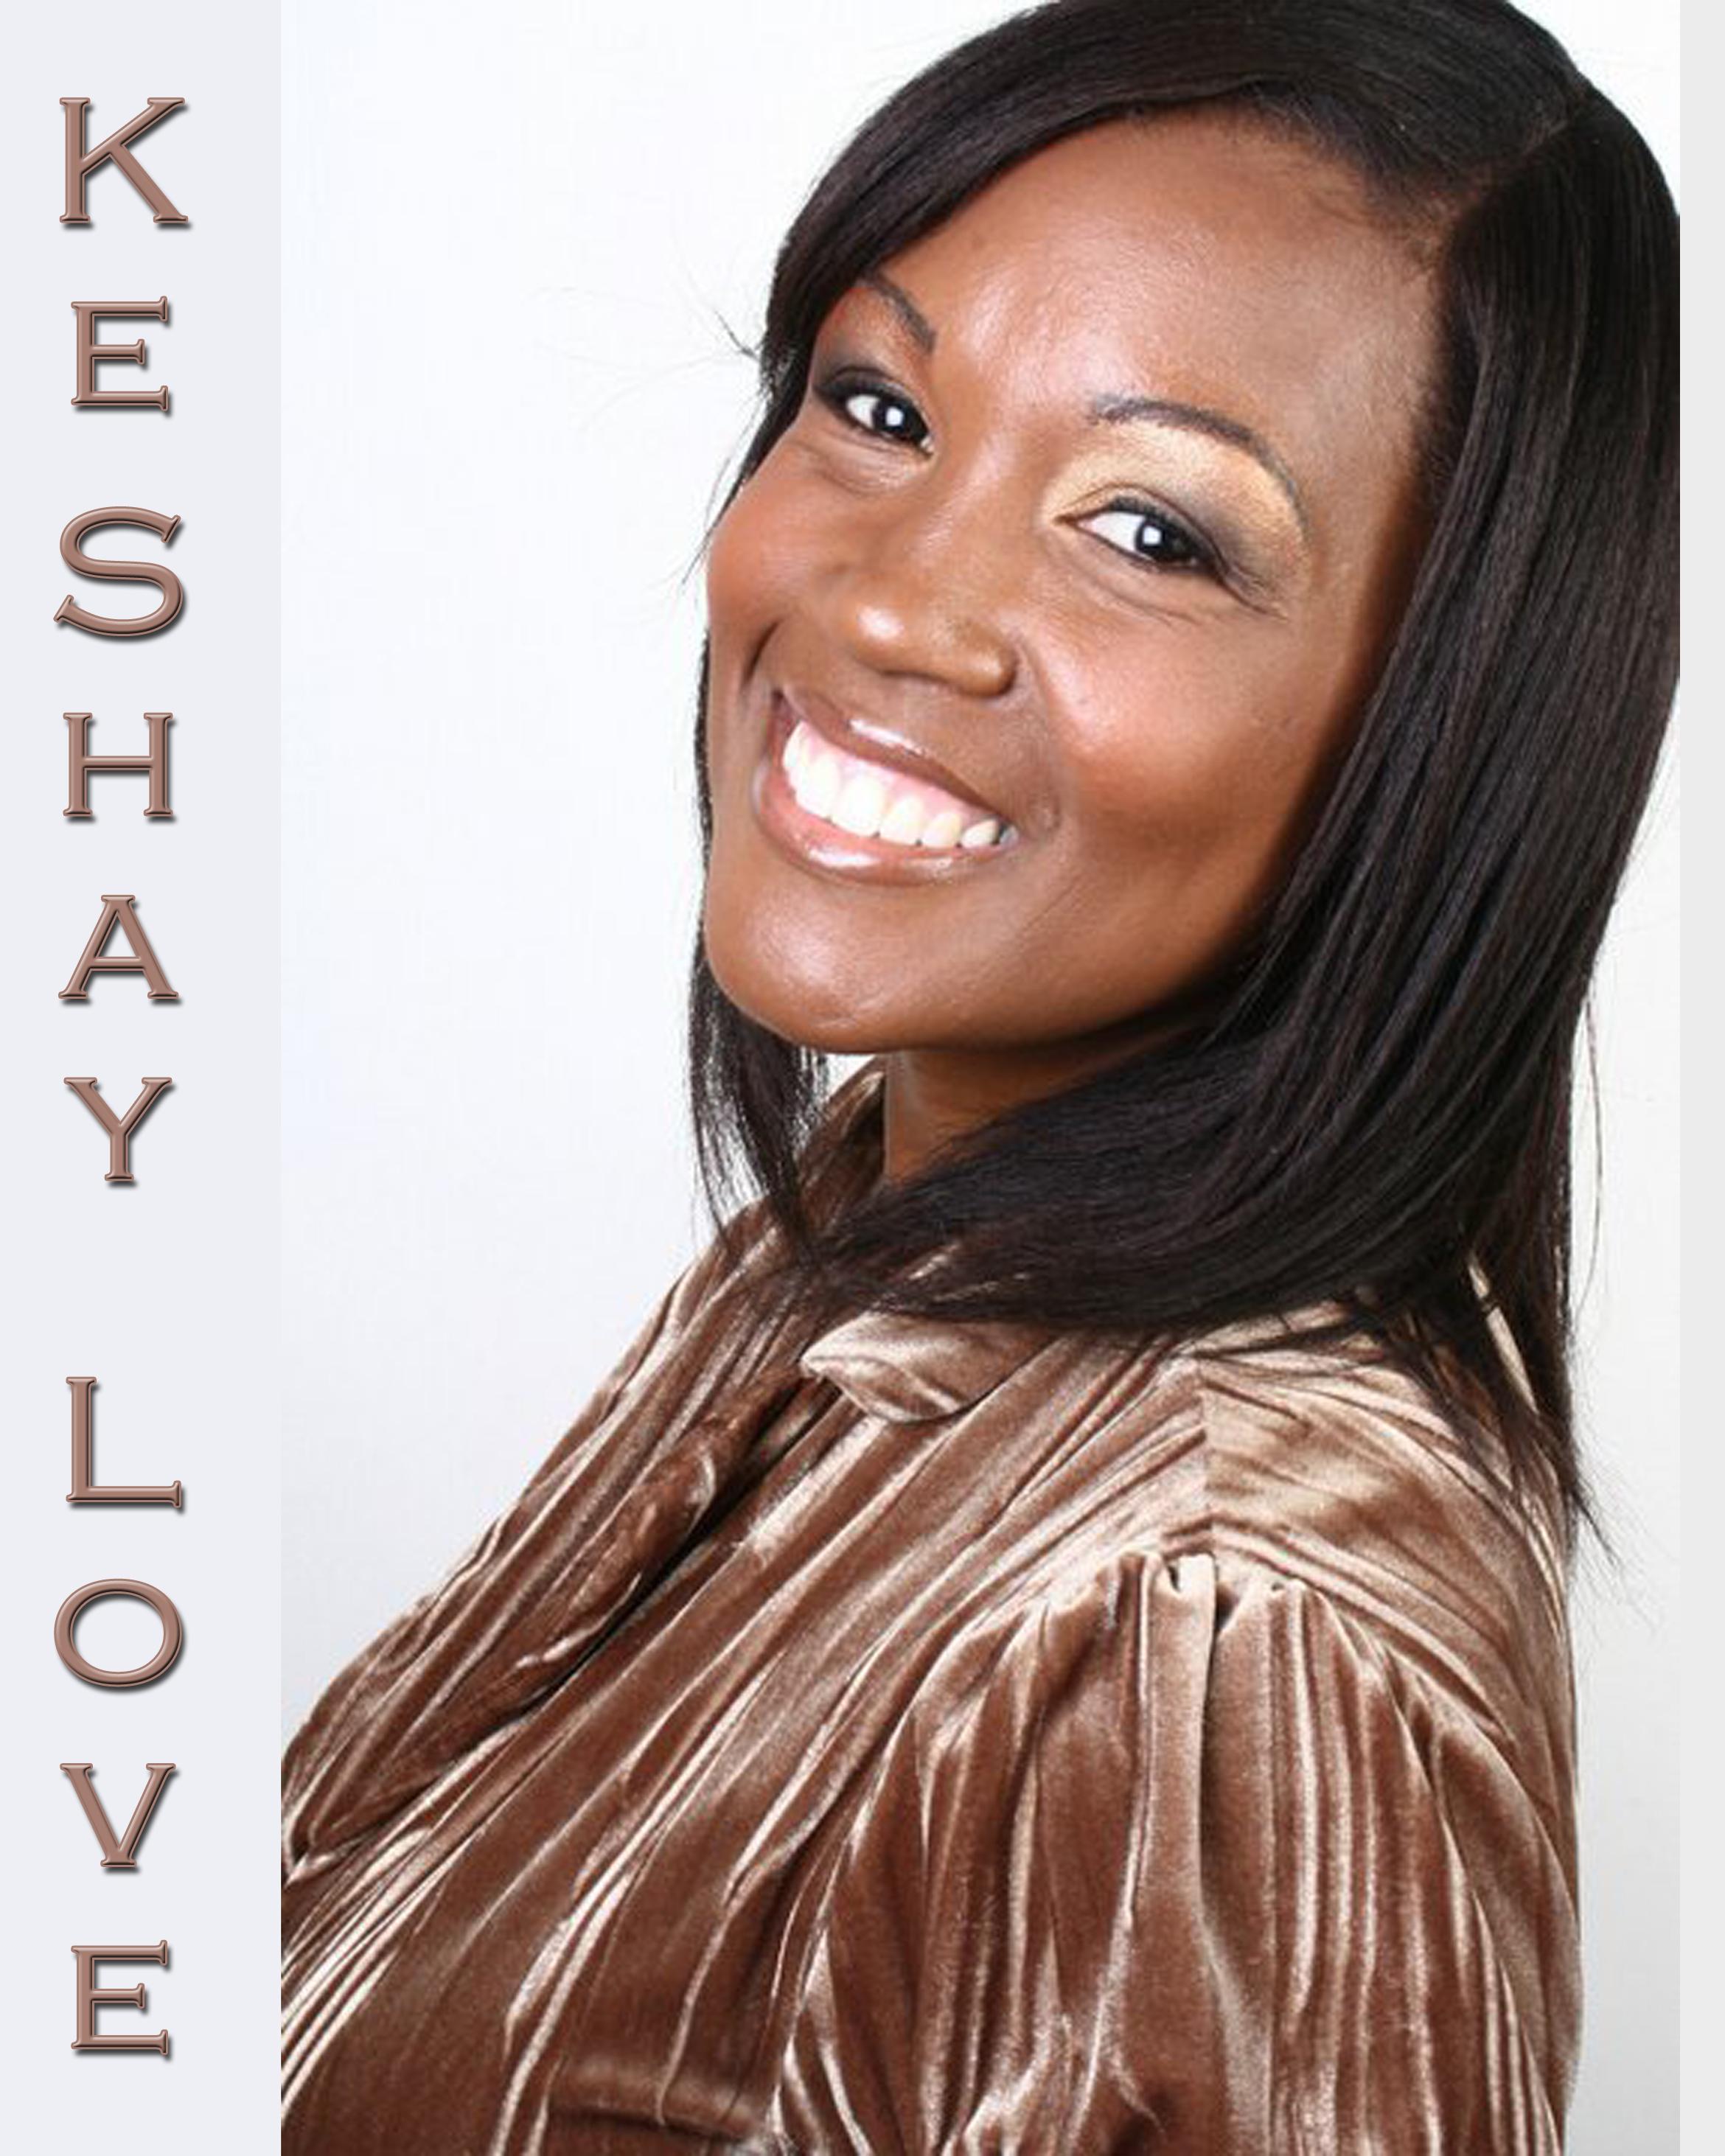 Keshay Headshot.jpg